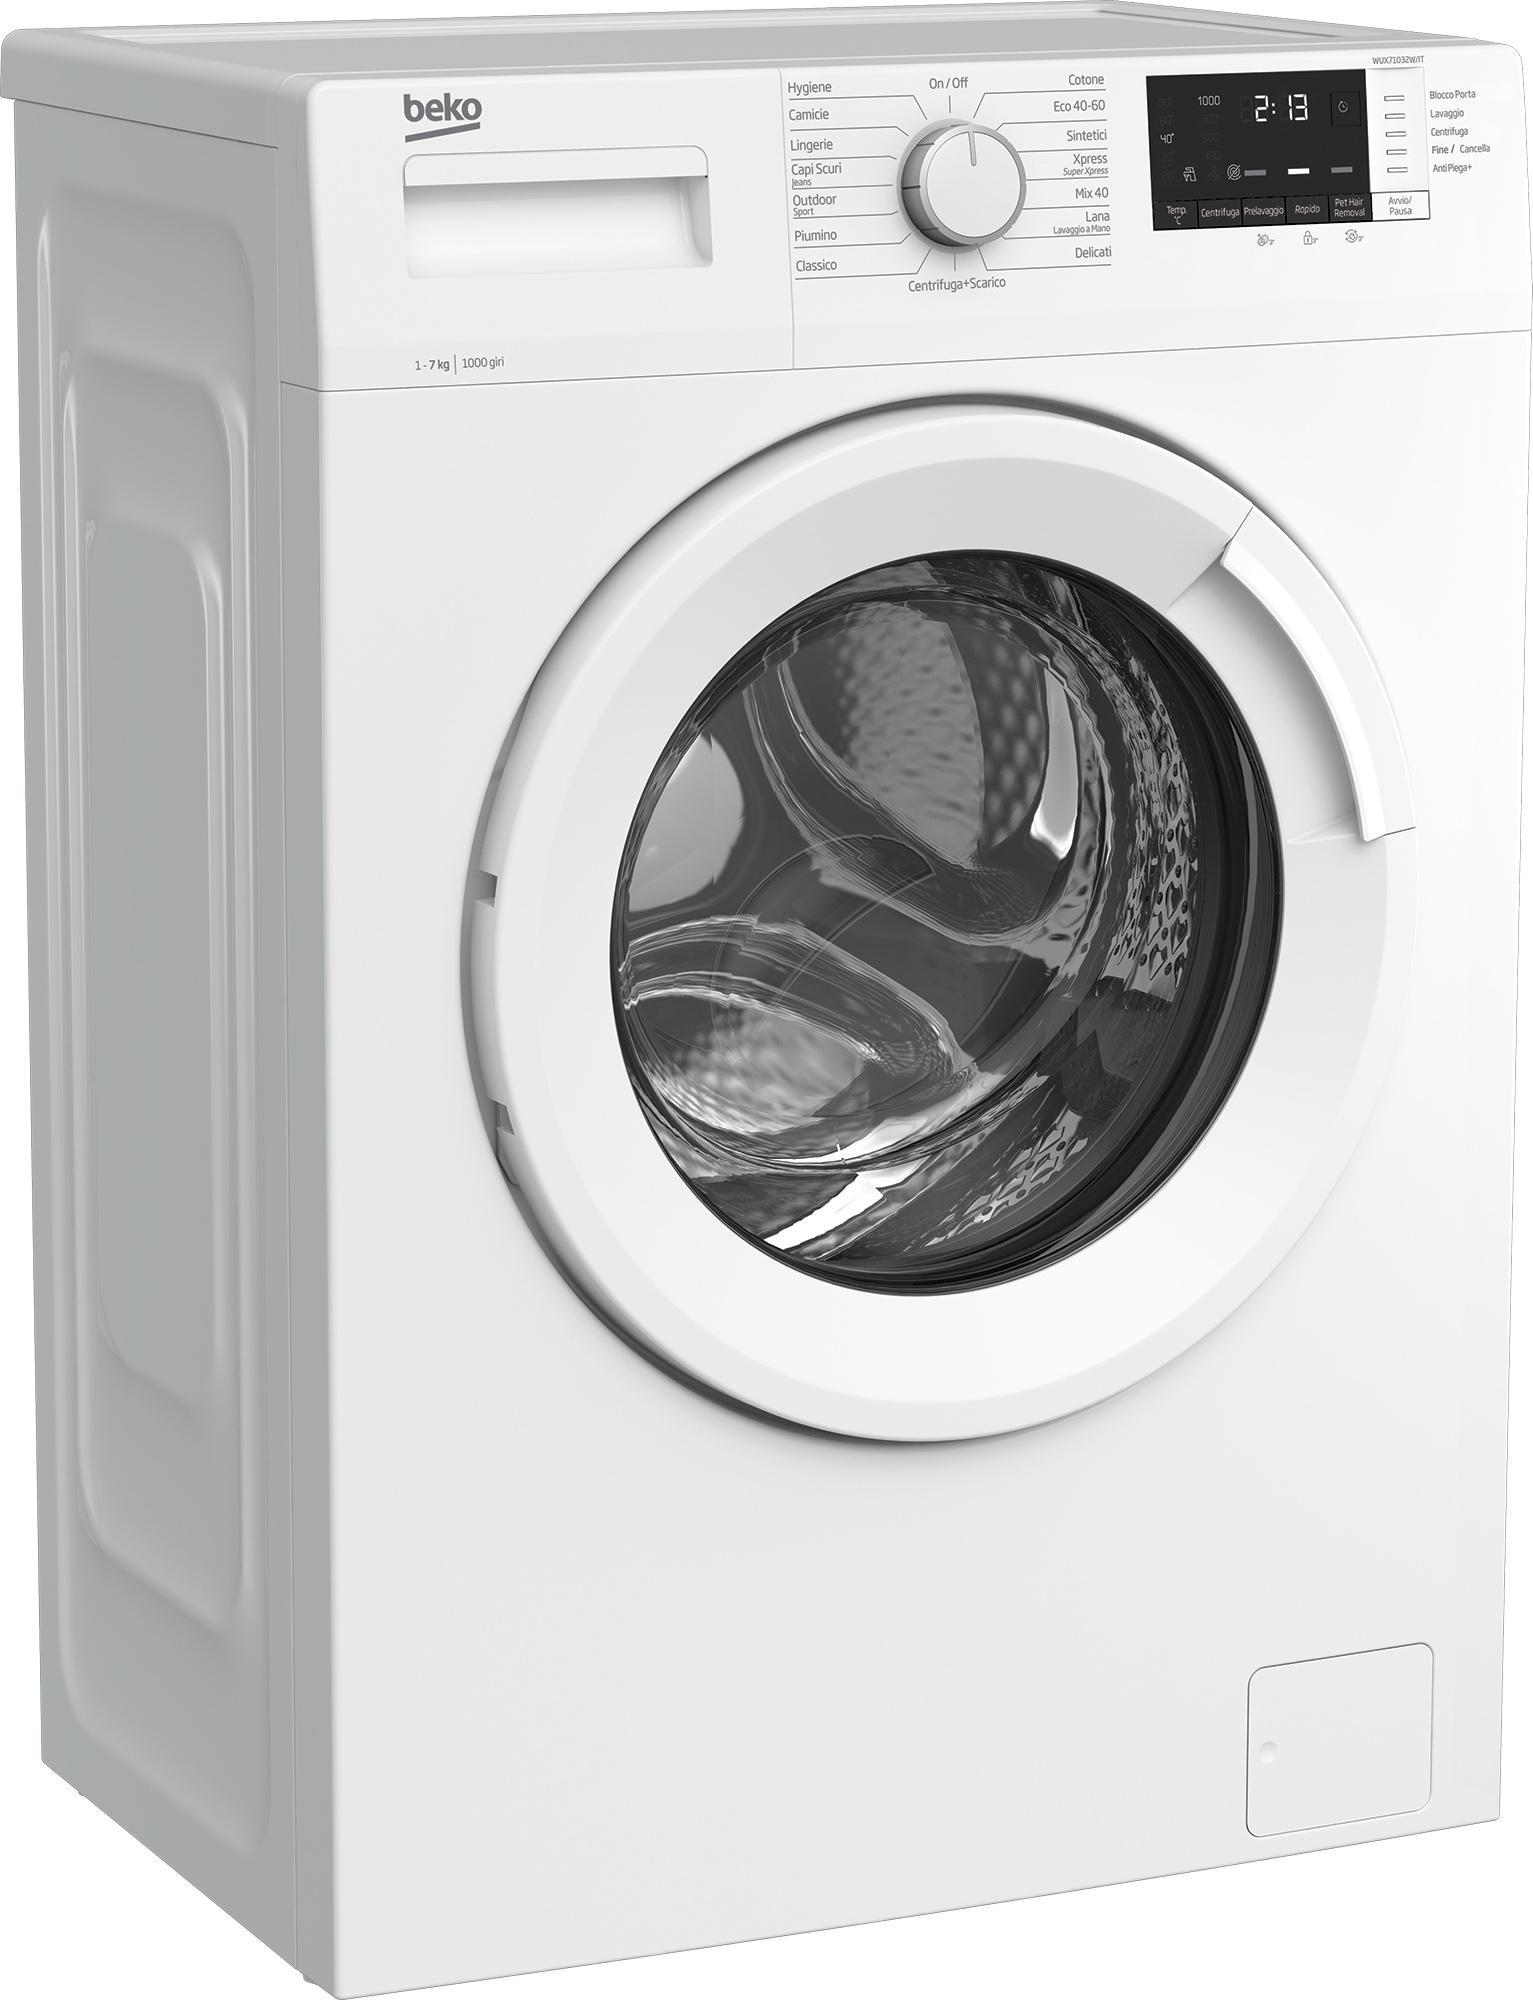 Beko WUX71032W/IT lavatrice Libera installazione Caricamento frontale 7 kg 1000 Giri/min E Bianco